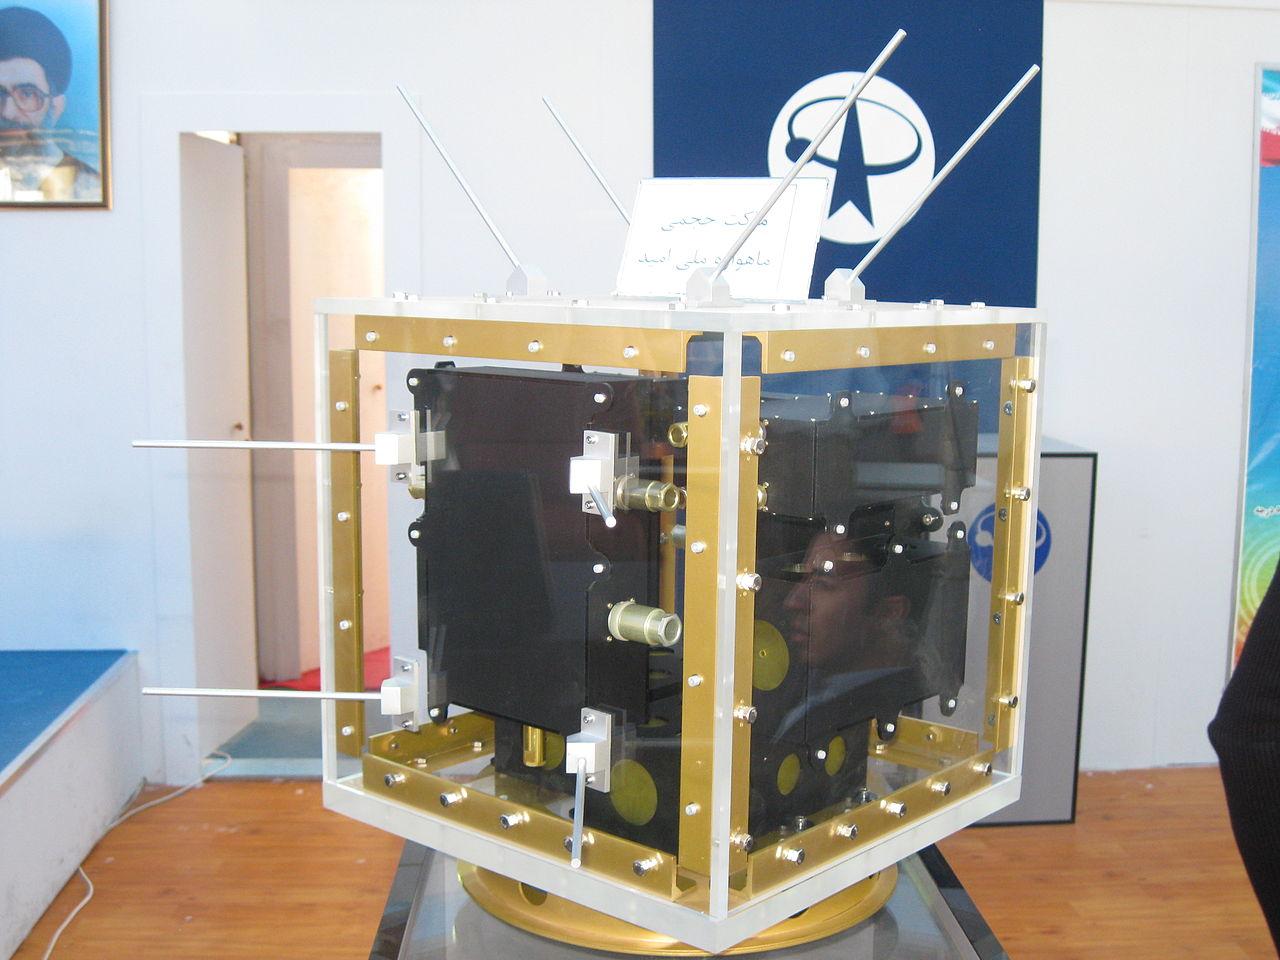 2 февраля в истории: NVIDIA GeForce 7800 GS AGP, исследовательский спутник Ирана и старт проекта Файтинг Фантом